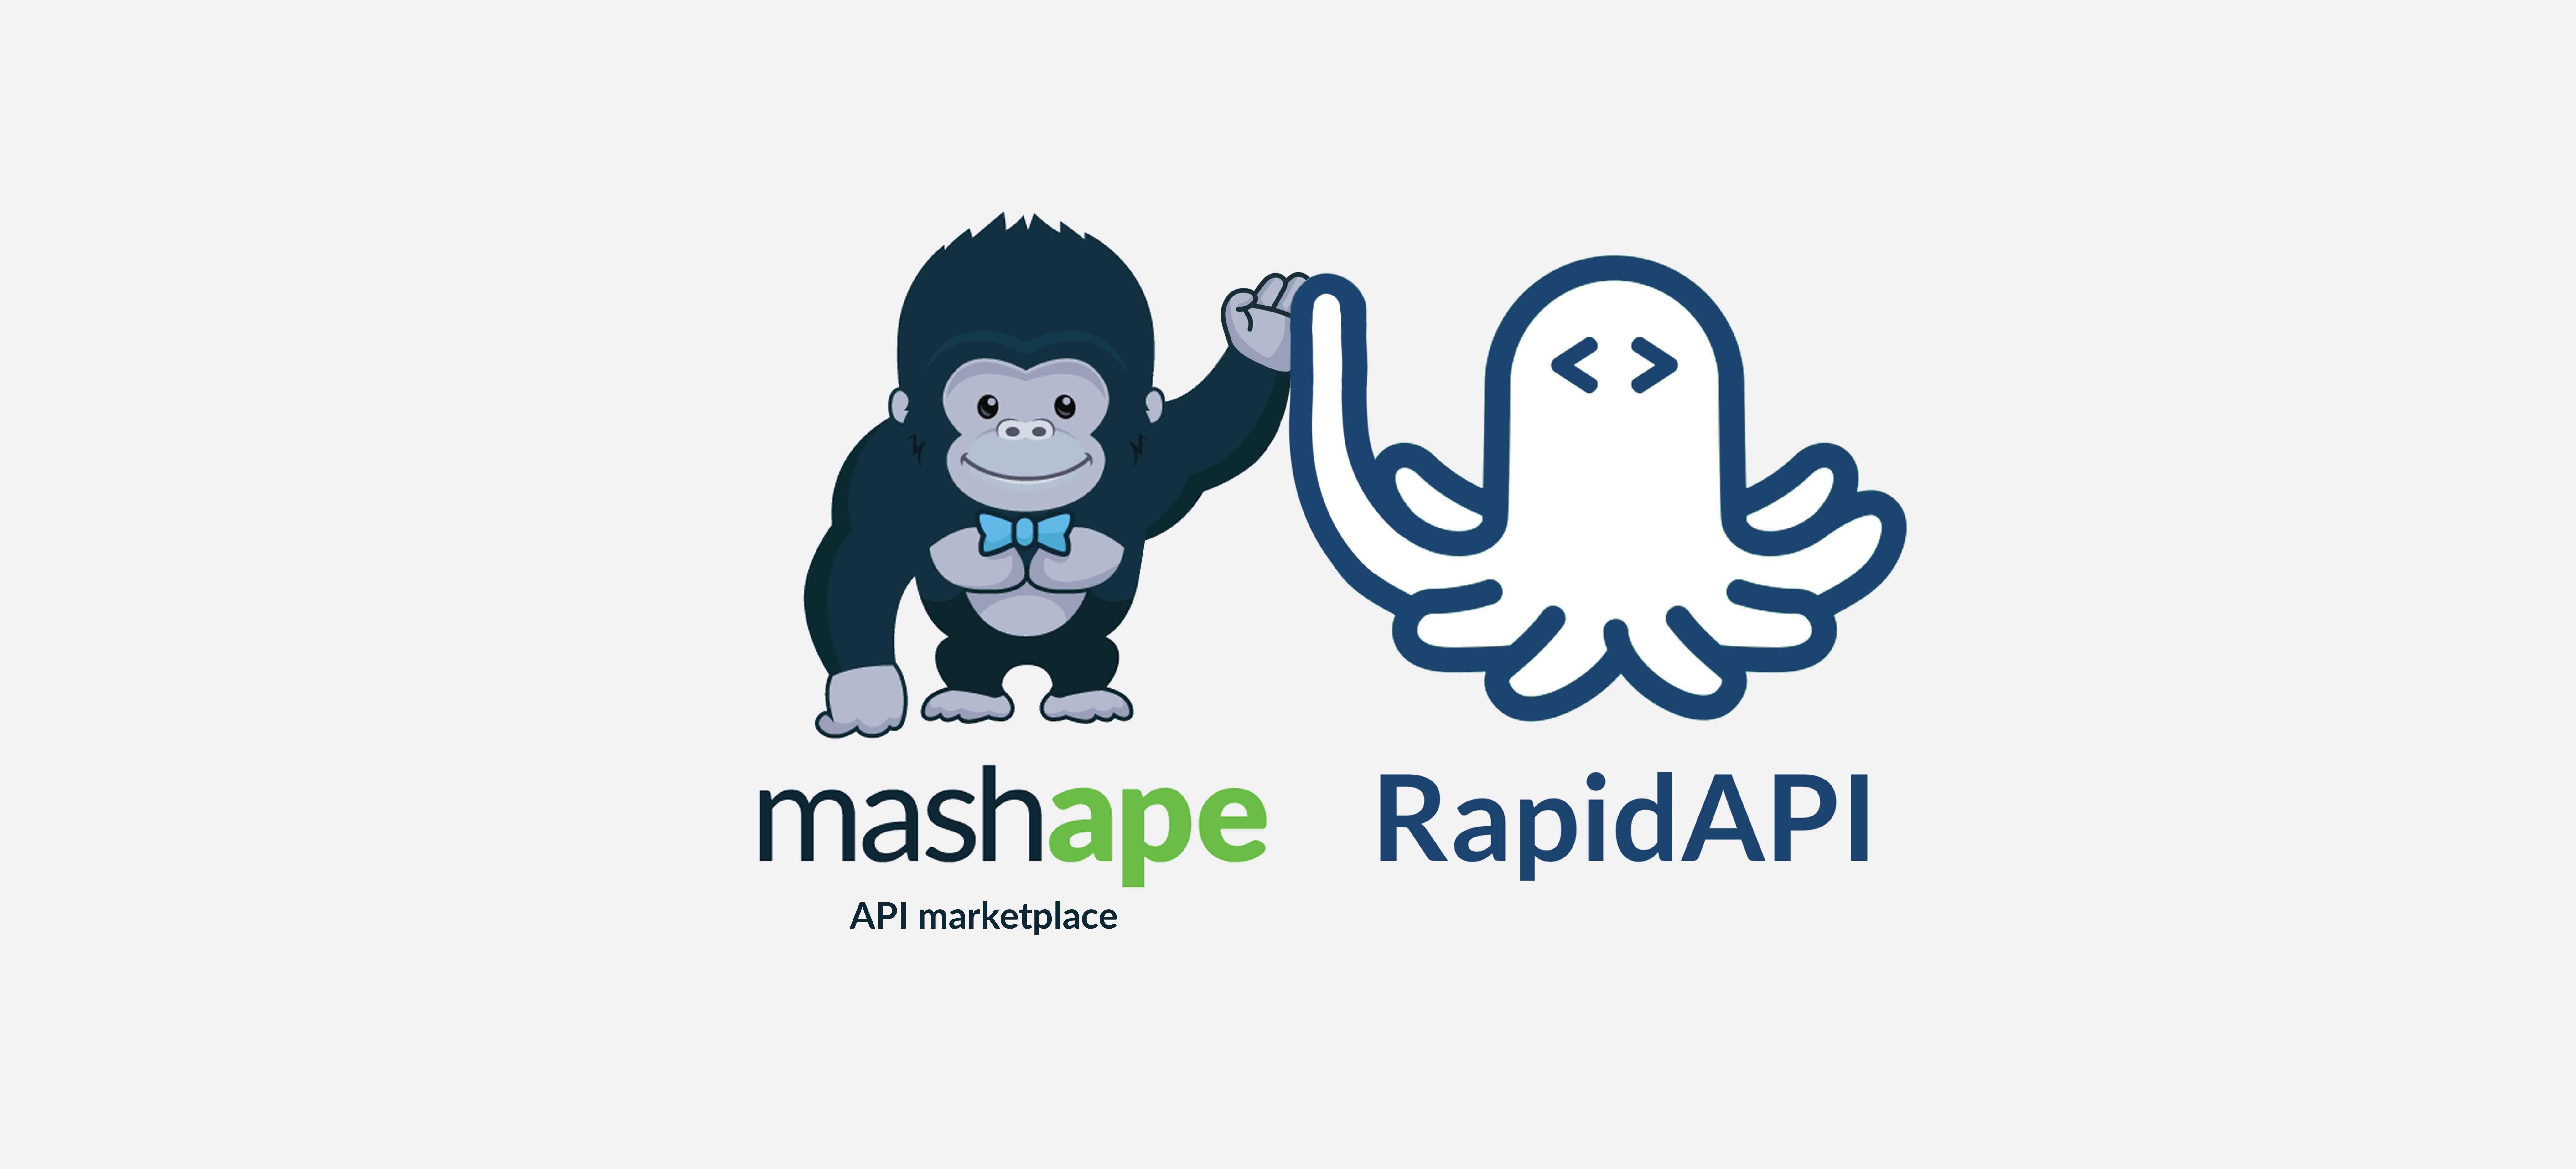 RapidAPI and Mashape API Marketplace JoinForces